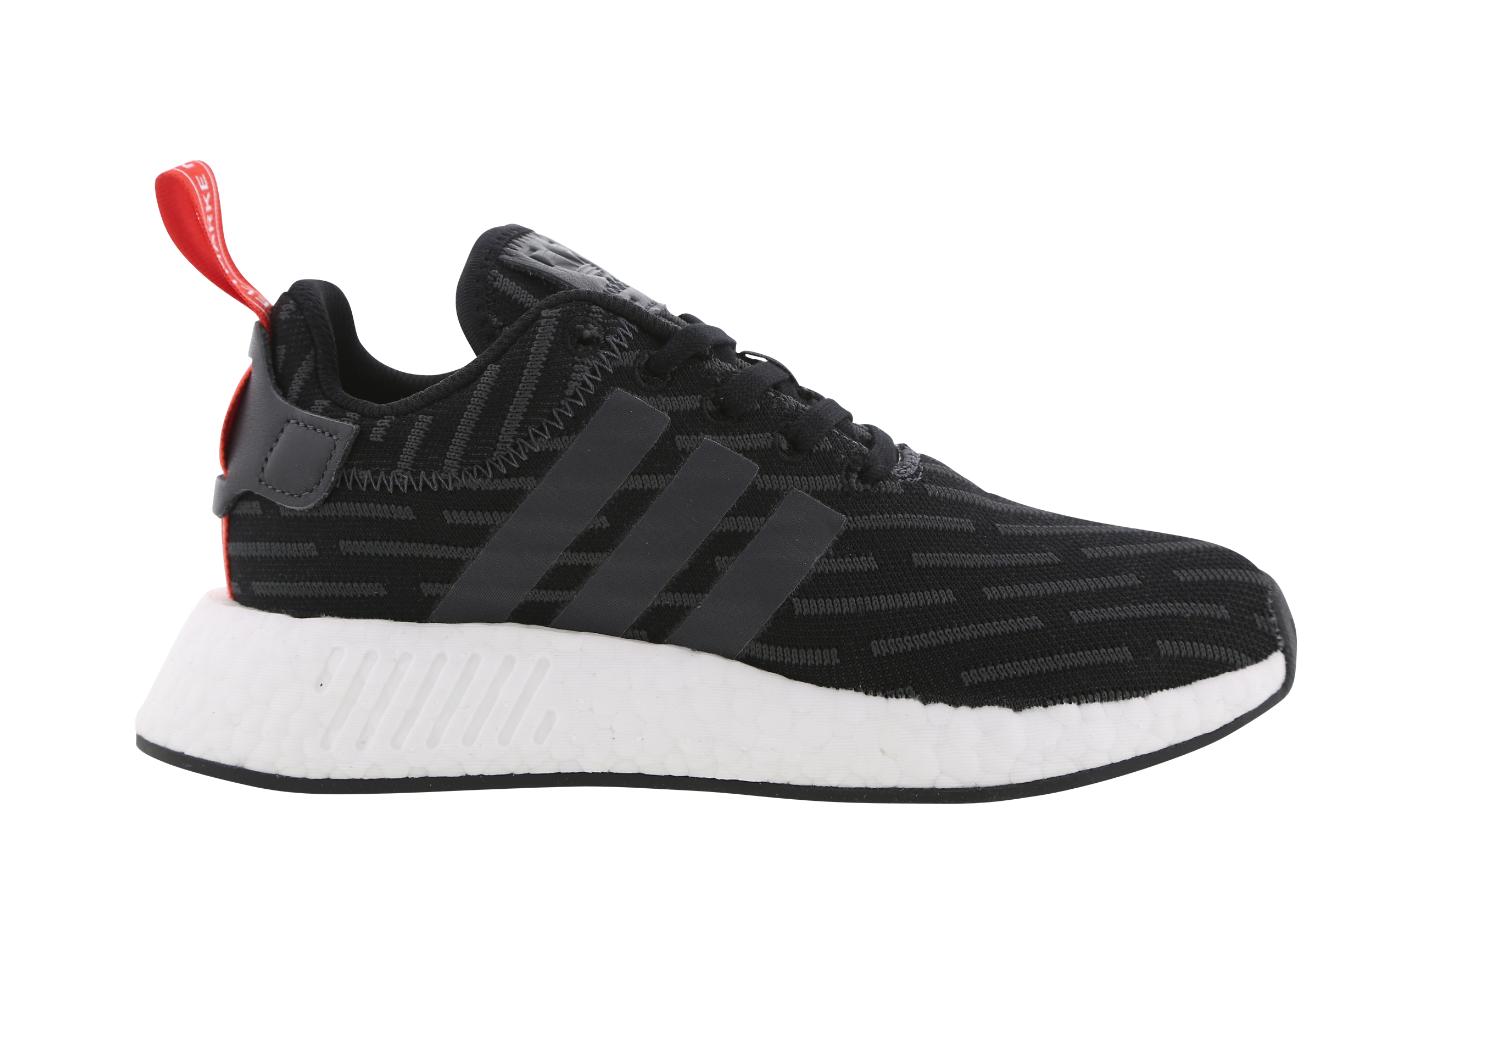 Billig gute Qualität Herren Adidas NMD_R2 Laufschuhe by2499